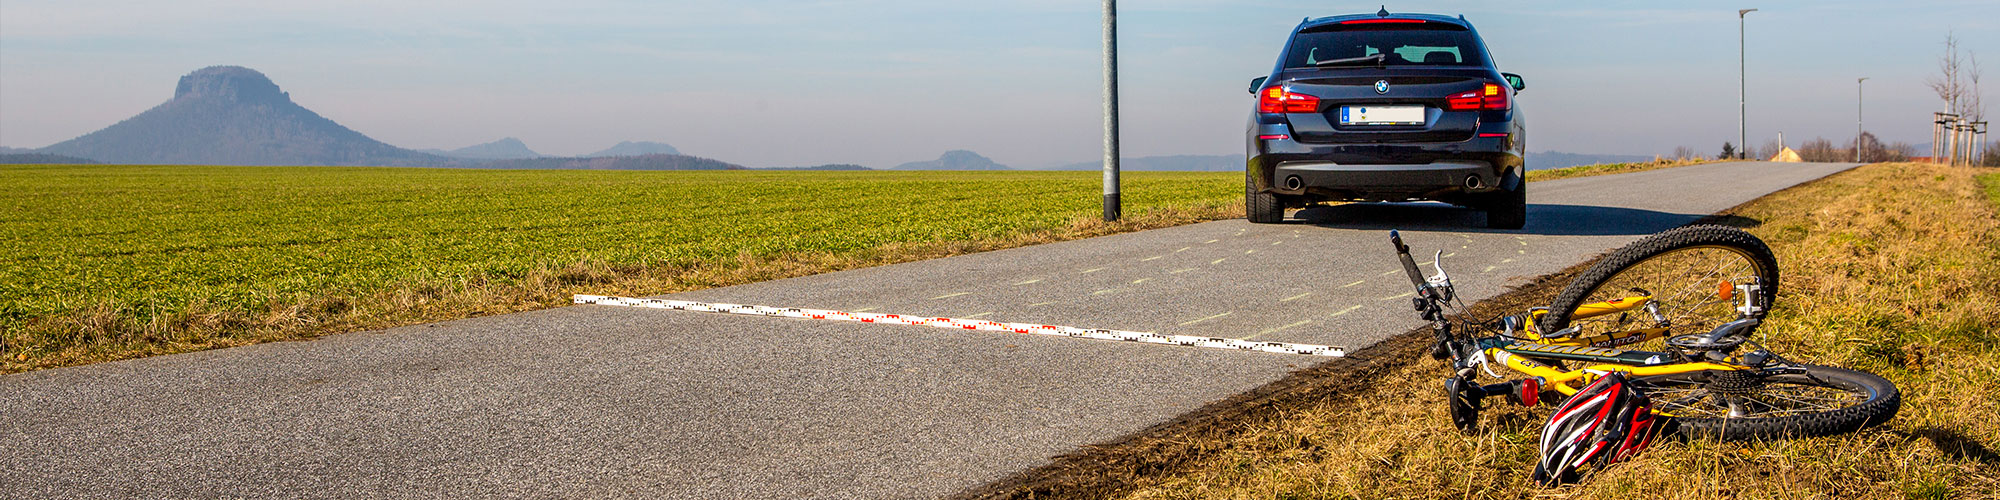 Im Vordergrund liegt ein Fahrrad neben der Fahrbahn auf der Straße, ein Stück weiter auf der Straße steht leicht schräg ein Auto, auf der Straße liegt eine Messlatte und die Spuren des Autos wurden mit Kreide markiert